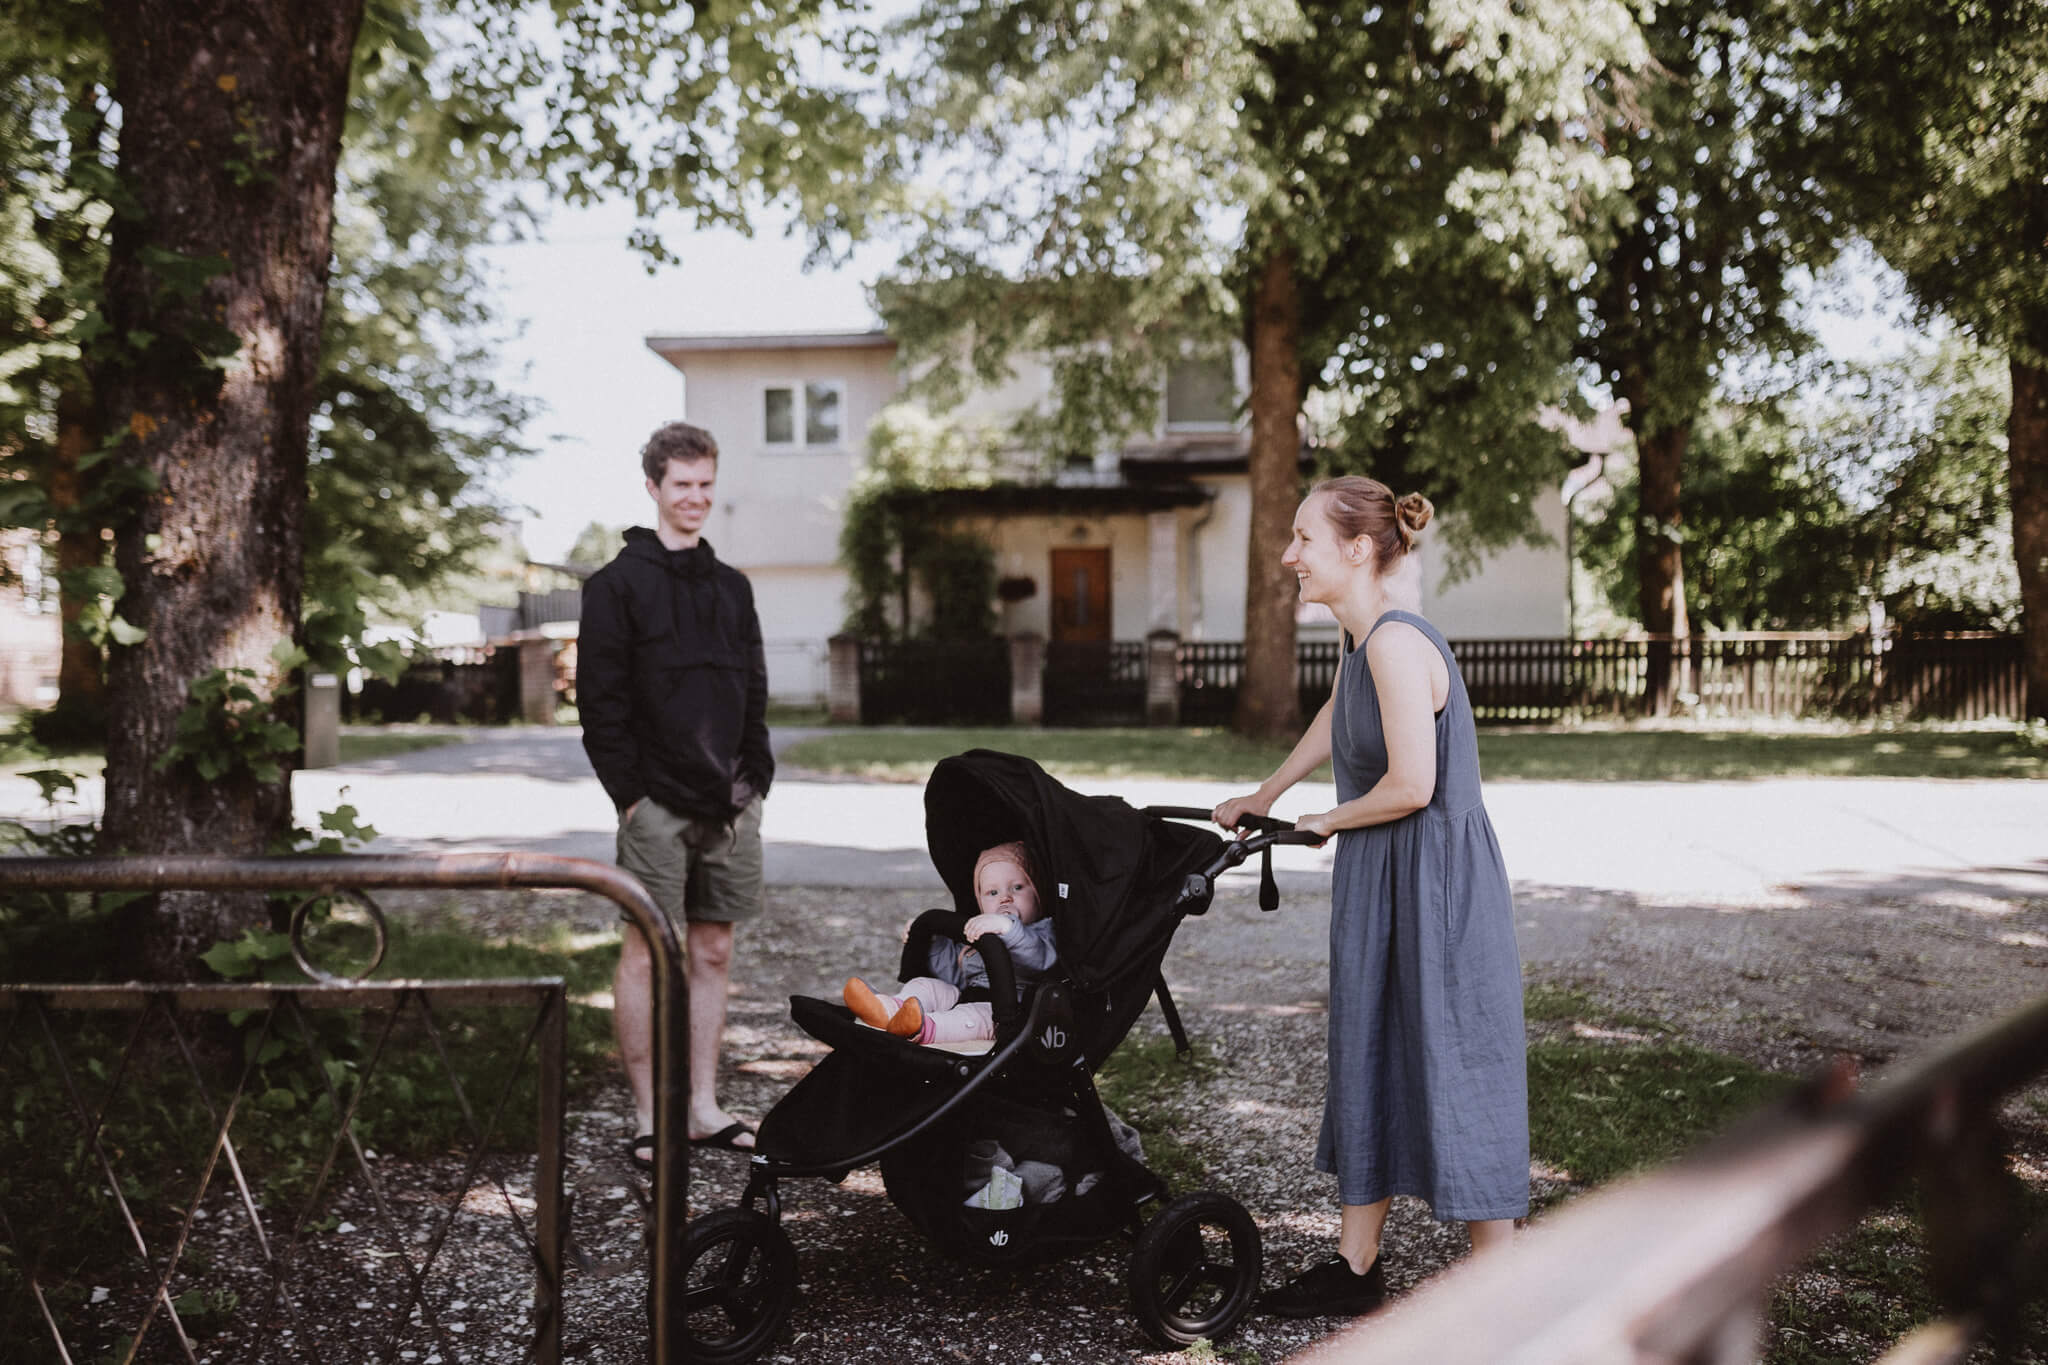 Perepilt - isa, ema ja aastane laps kärus, Tartus Tammelinna tänaval soojal juunikuu päeval.